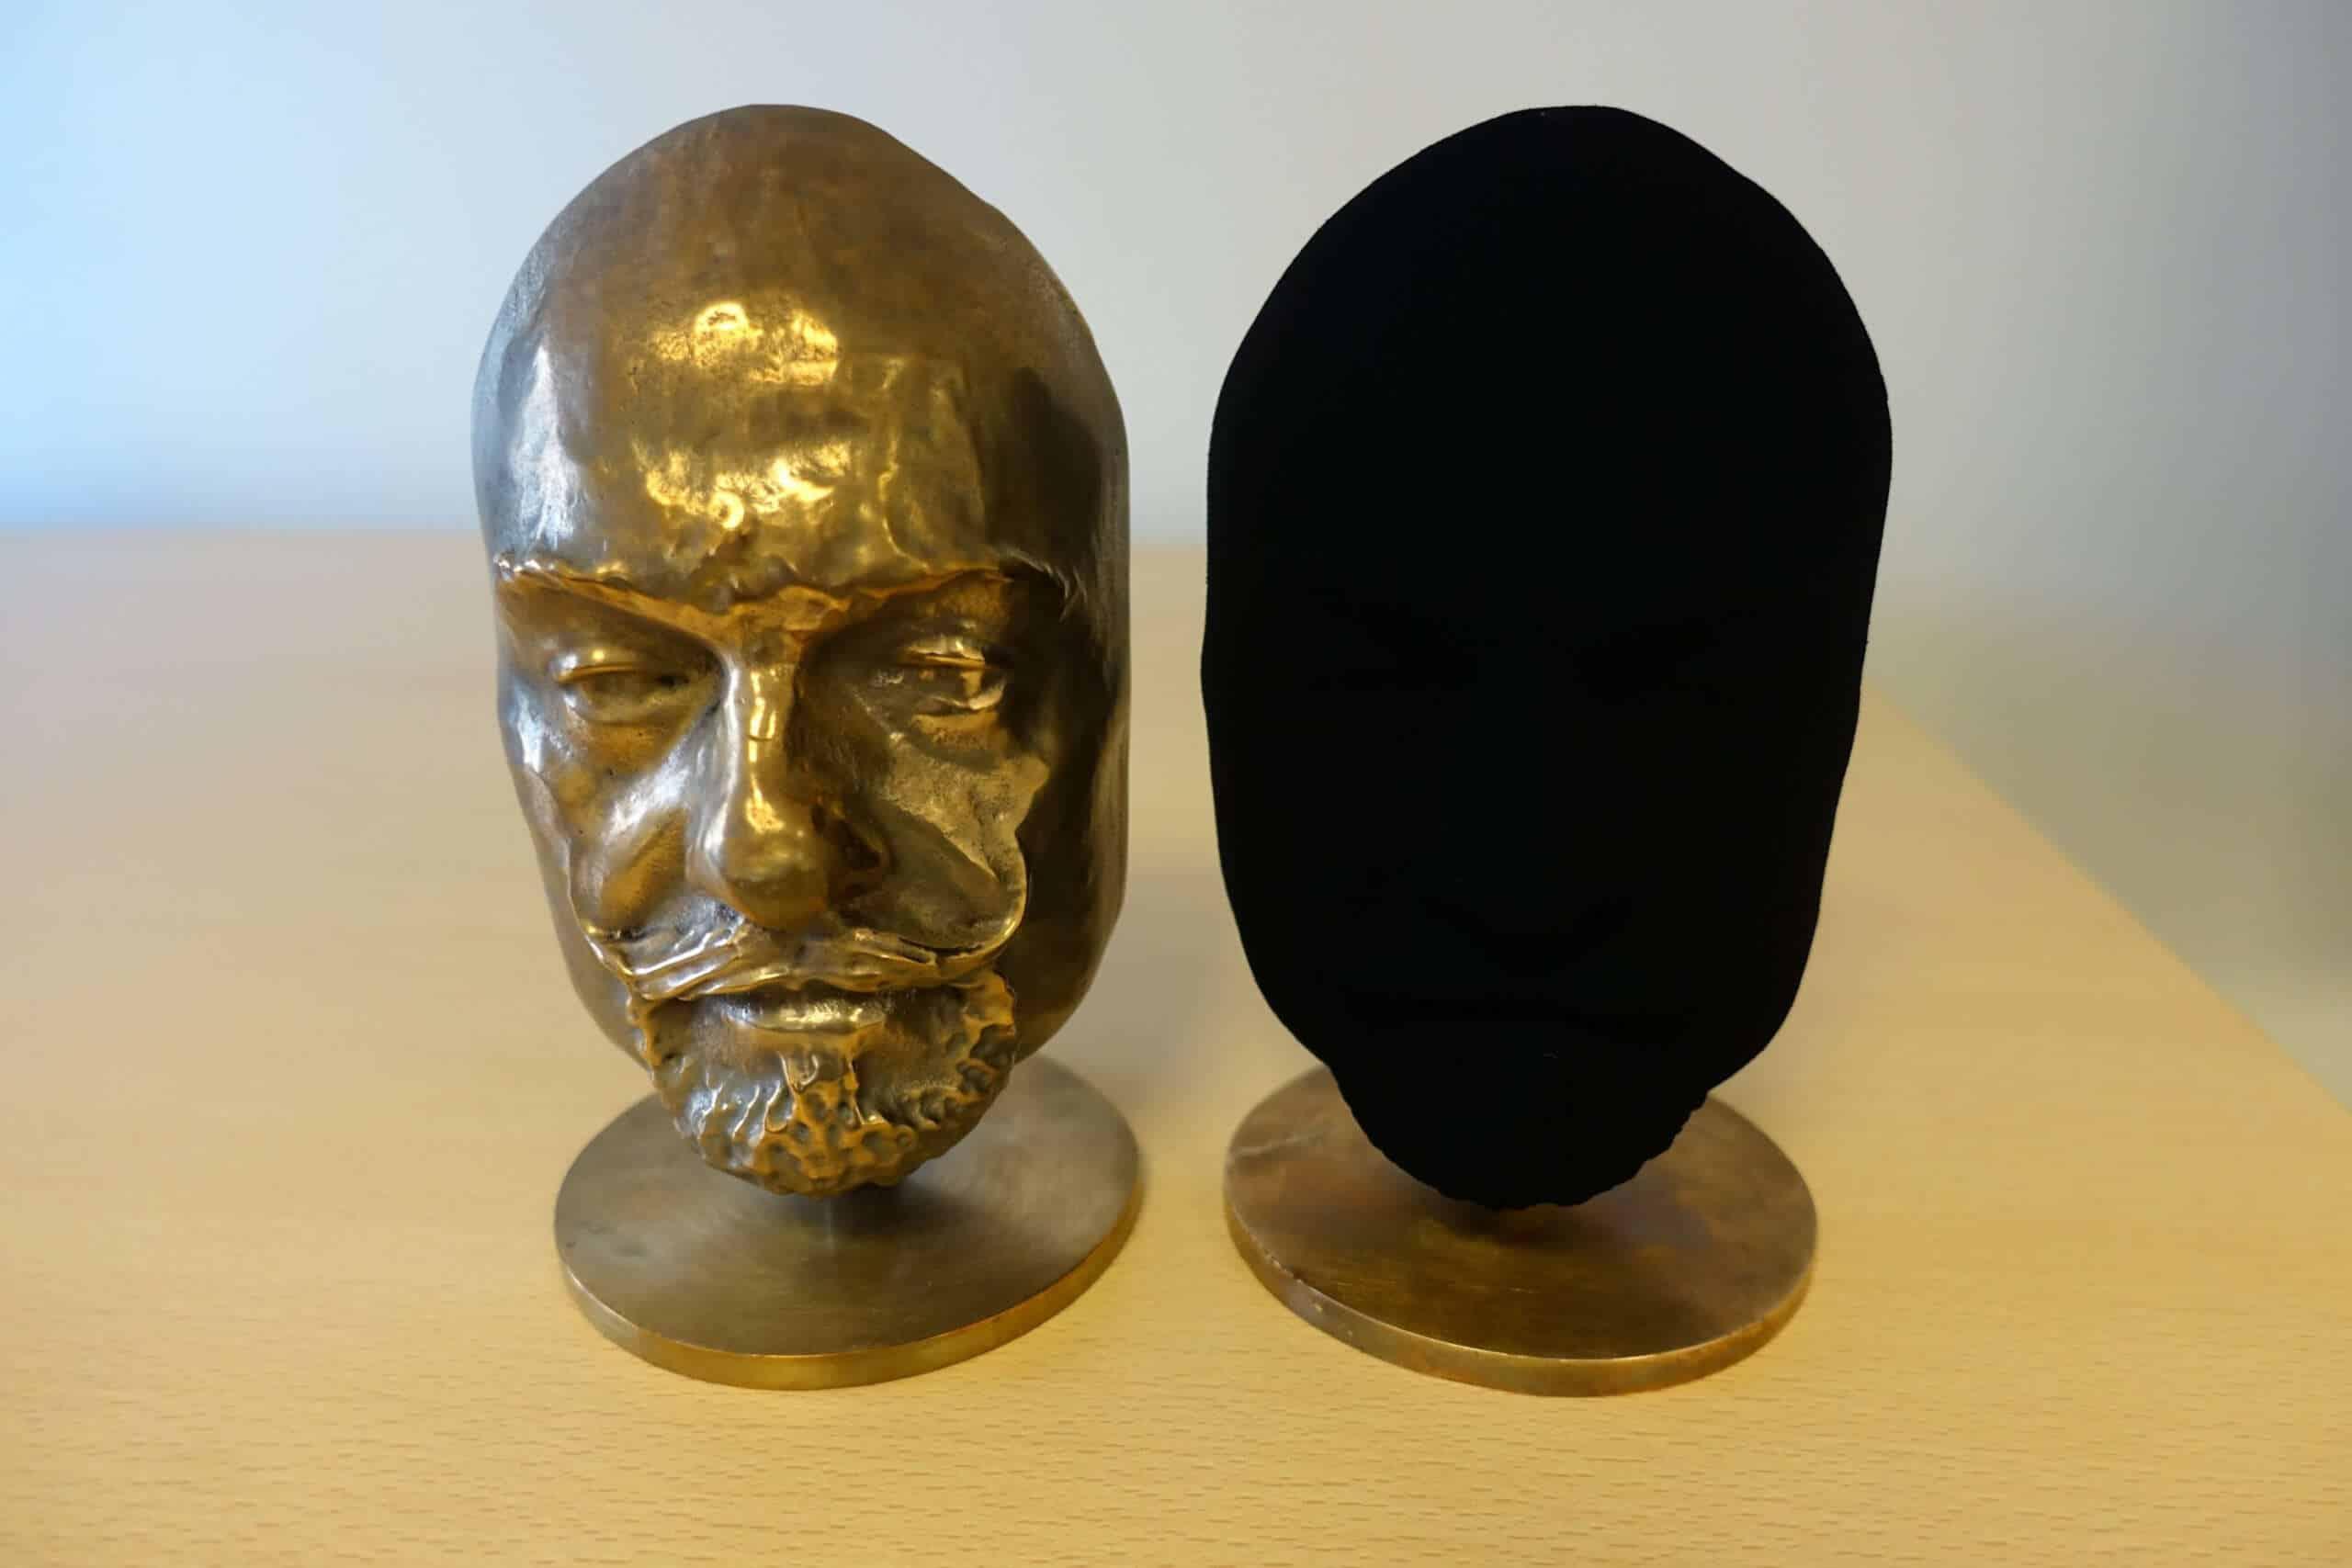 Así es el efecto de Vantablack aplicado sobre un objeto con forma.